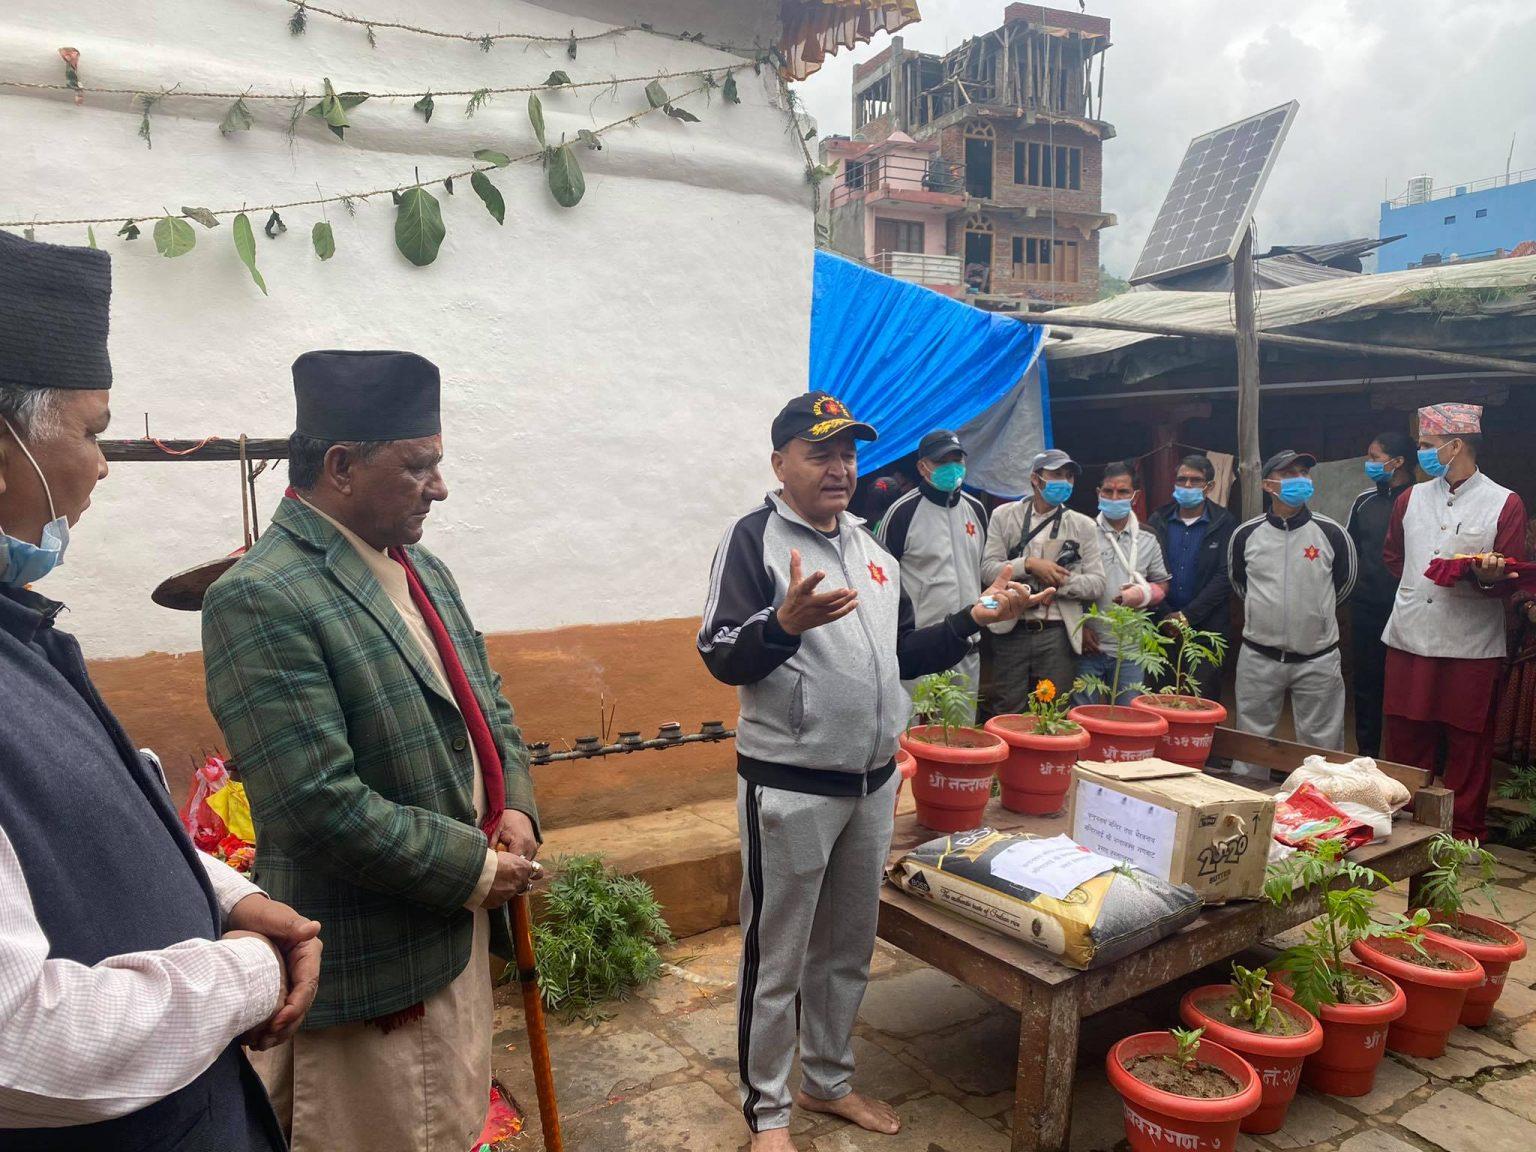 चन्दननाथ भैरबनाथ मन्दिर क्षेत्र मनमोहक बनाउदै नेपाली सेना